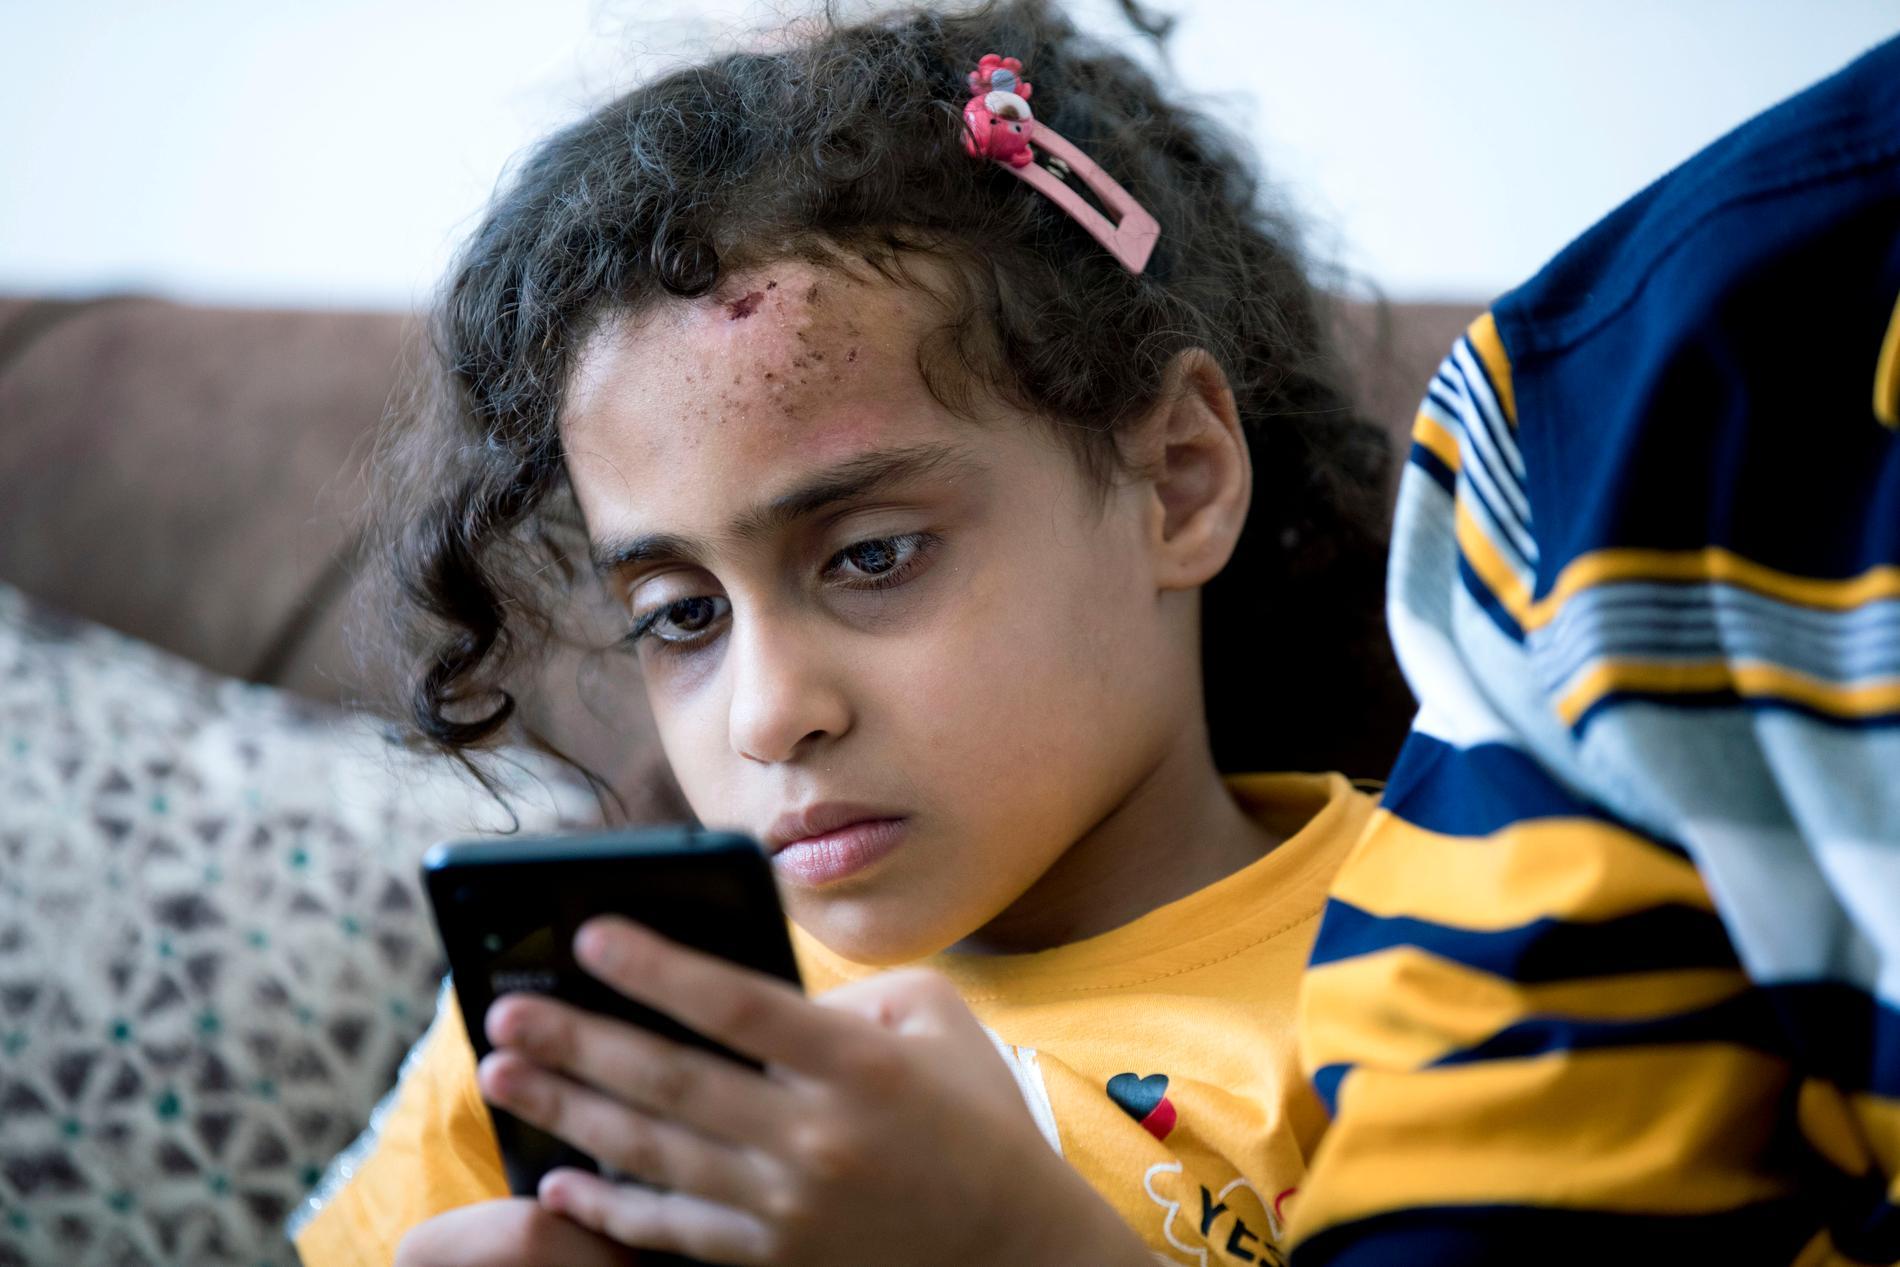 Souzey Eshkanta, 7, var begravd i rasmassor i sju timmar efter att Israel bombat lägenhetsbyggnaden där hon och hennes familj befann sig. Runt omkring henne låg hennes mamma och syskon döda.